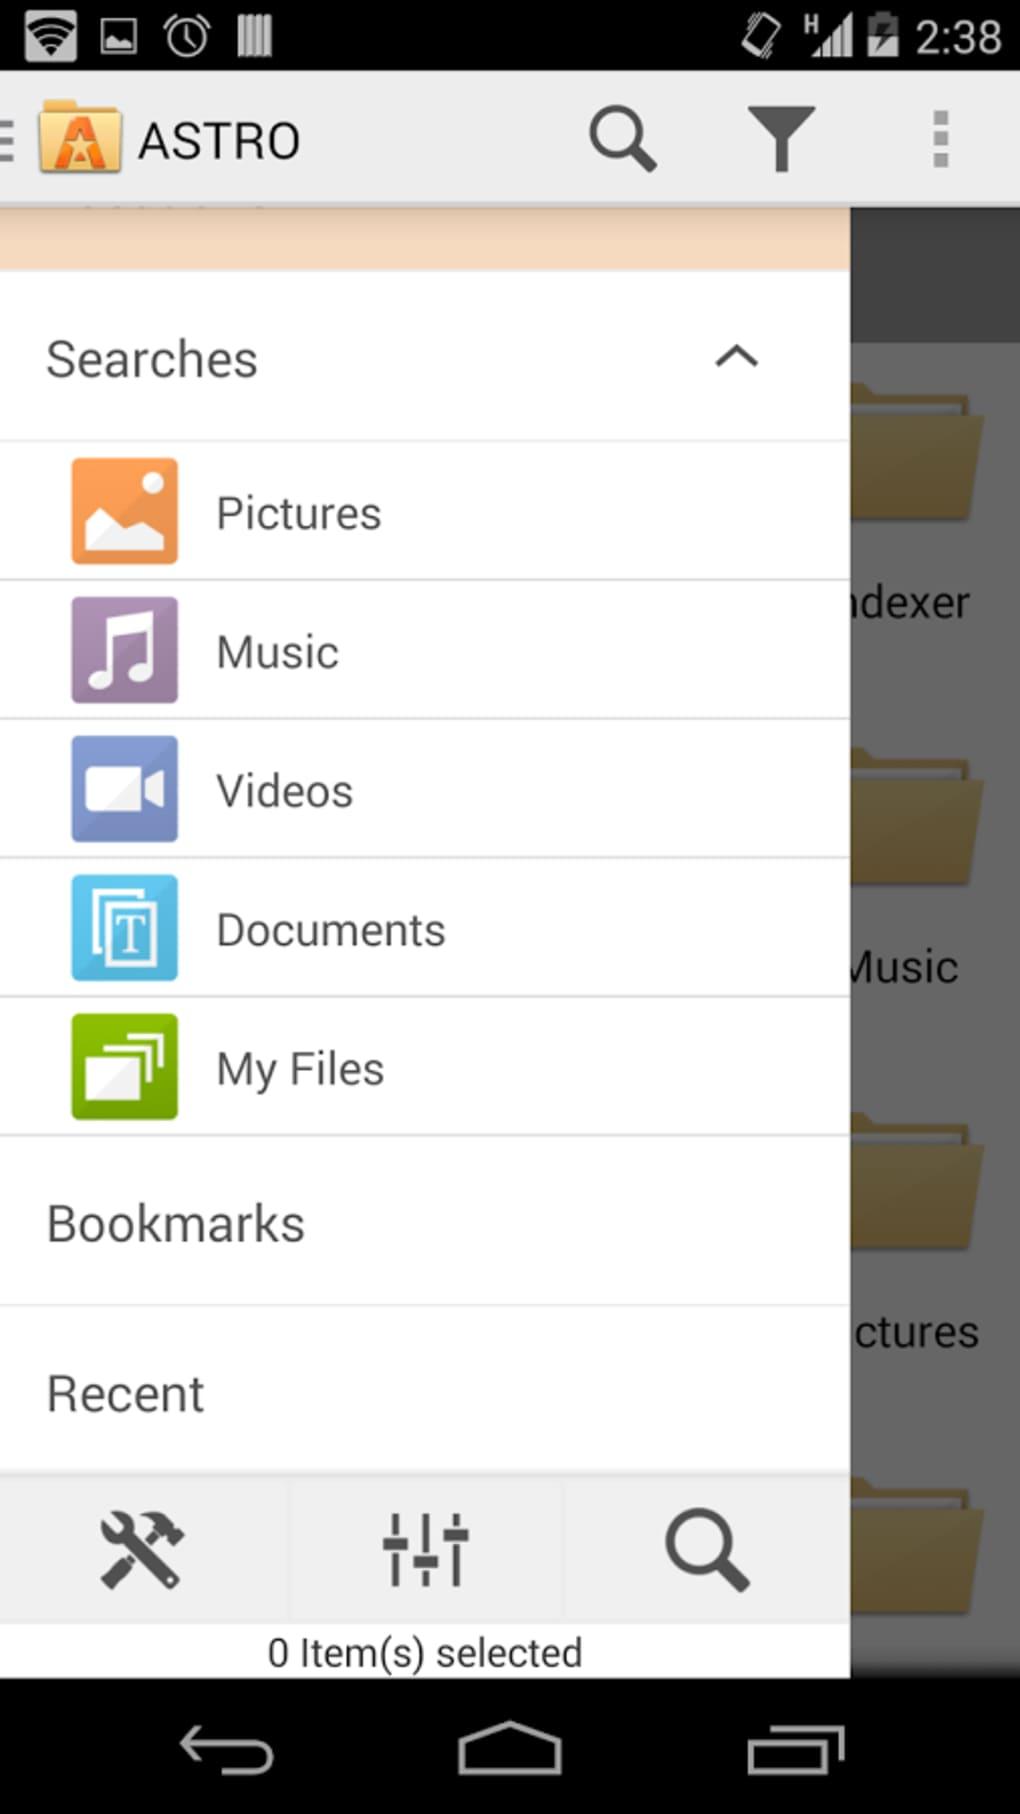 astro gestionnaire de fichiers pour android gratuit